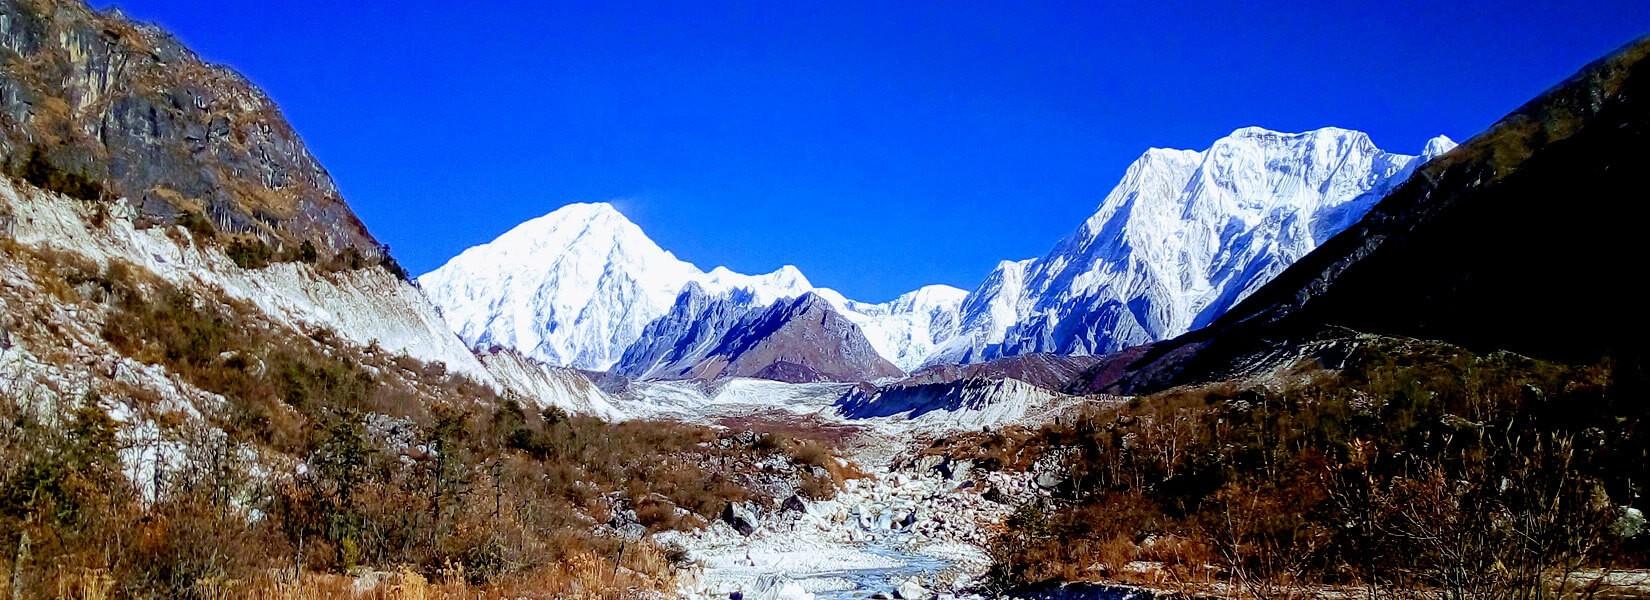 Manaslu Tsum Valley and Larkya La Pass Trek